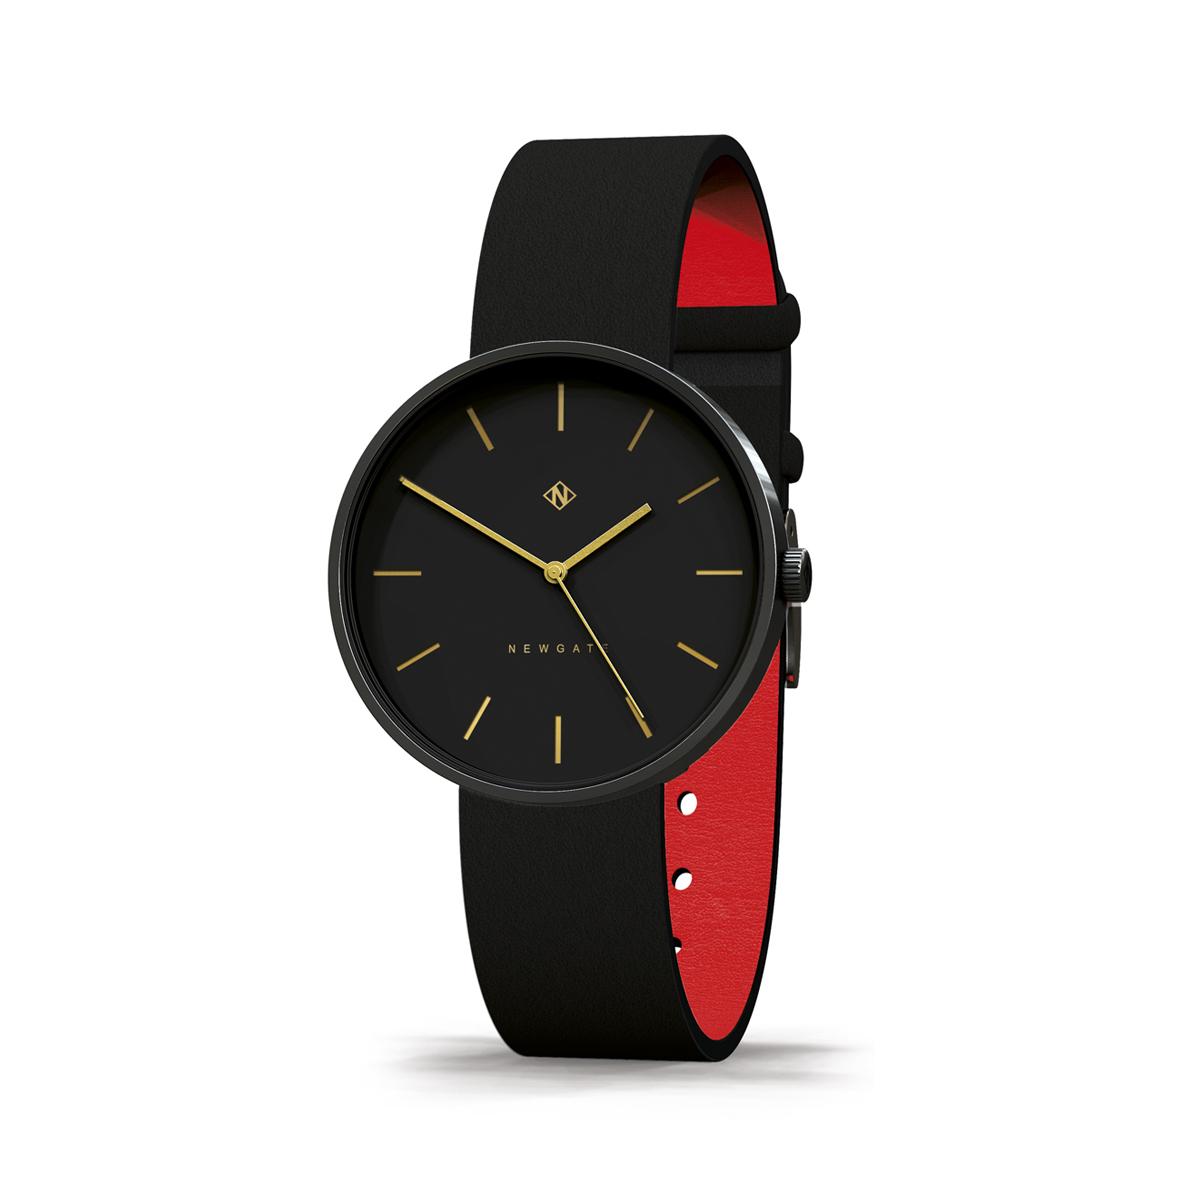 正規販売店【NEWGATE ニューゲート】 ウォッチ 腕時計 WWMDLNRK039LK